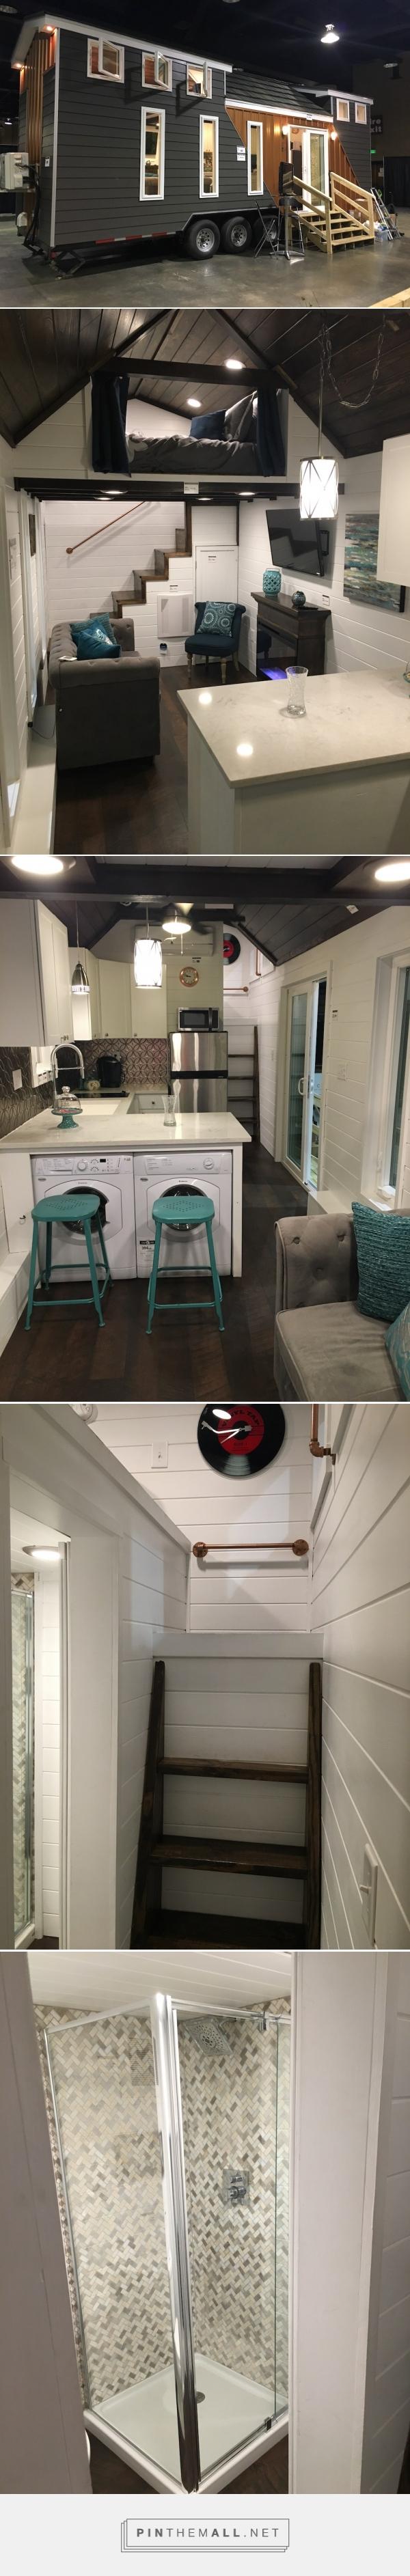 Trinity by Alabama Tiny Homes - created by Gail Zahtz from Tiny .House Swoon post.